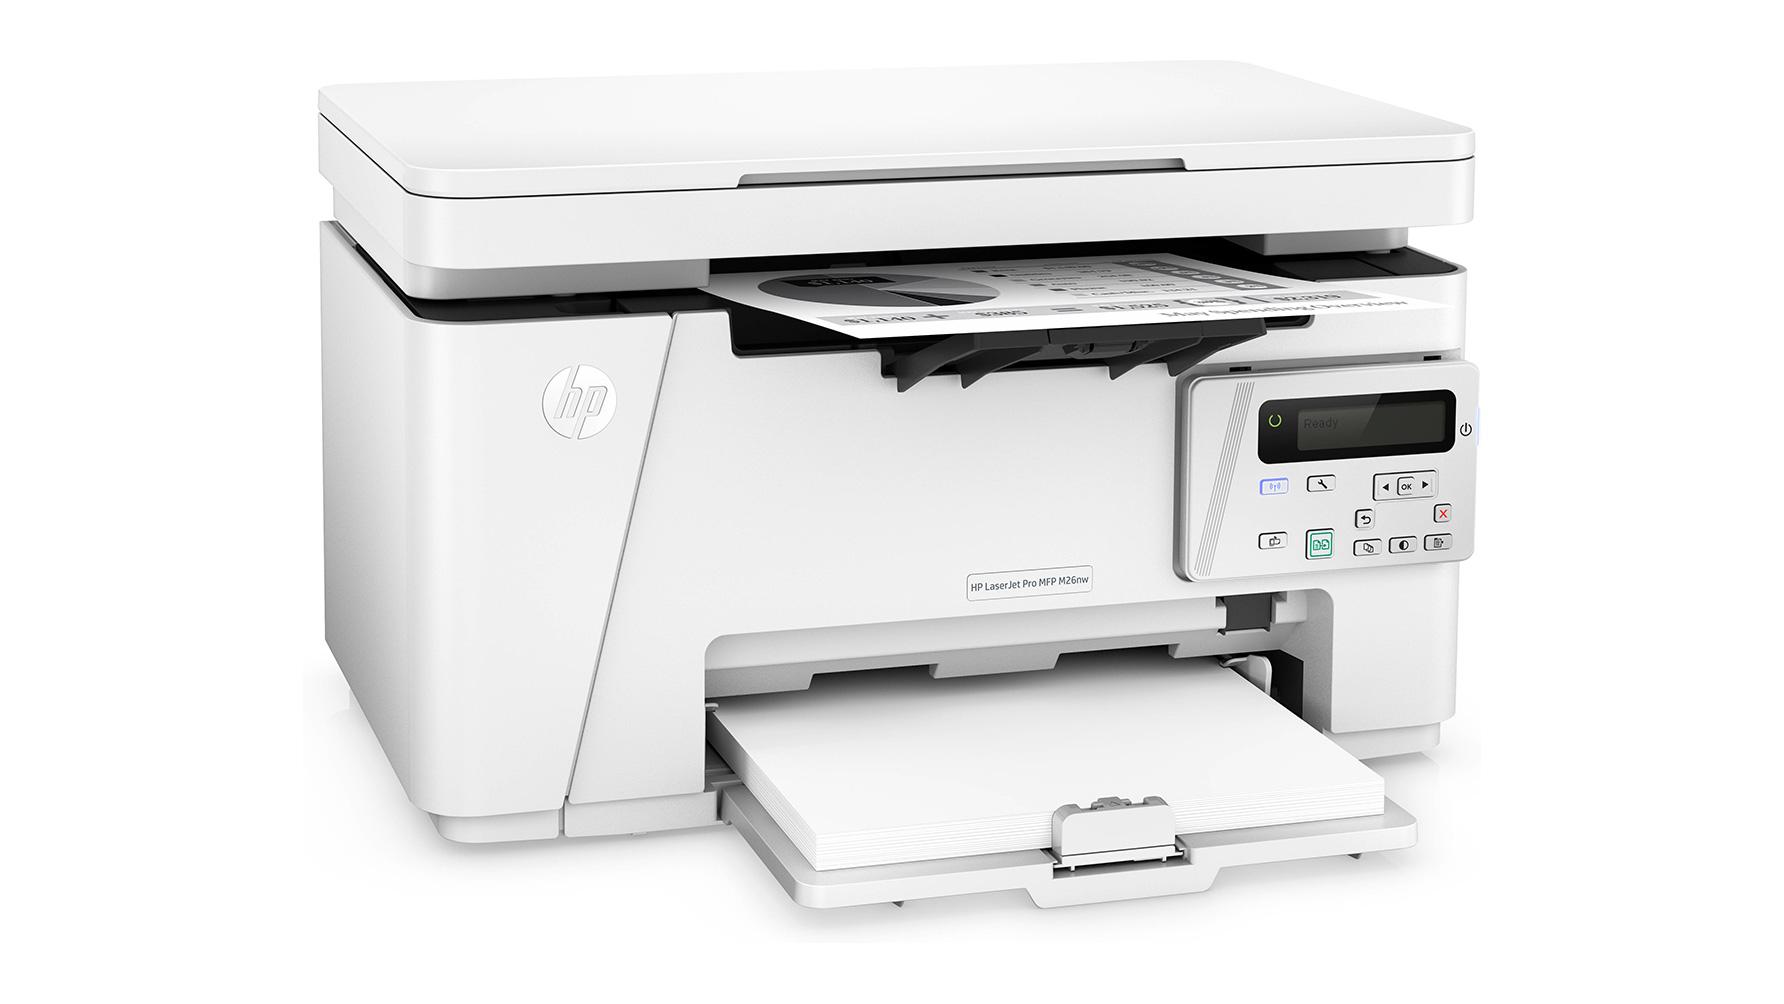 HP-LaserJet-Pro-MFP-M26nw-2.jpg